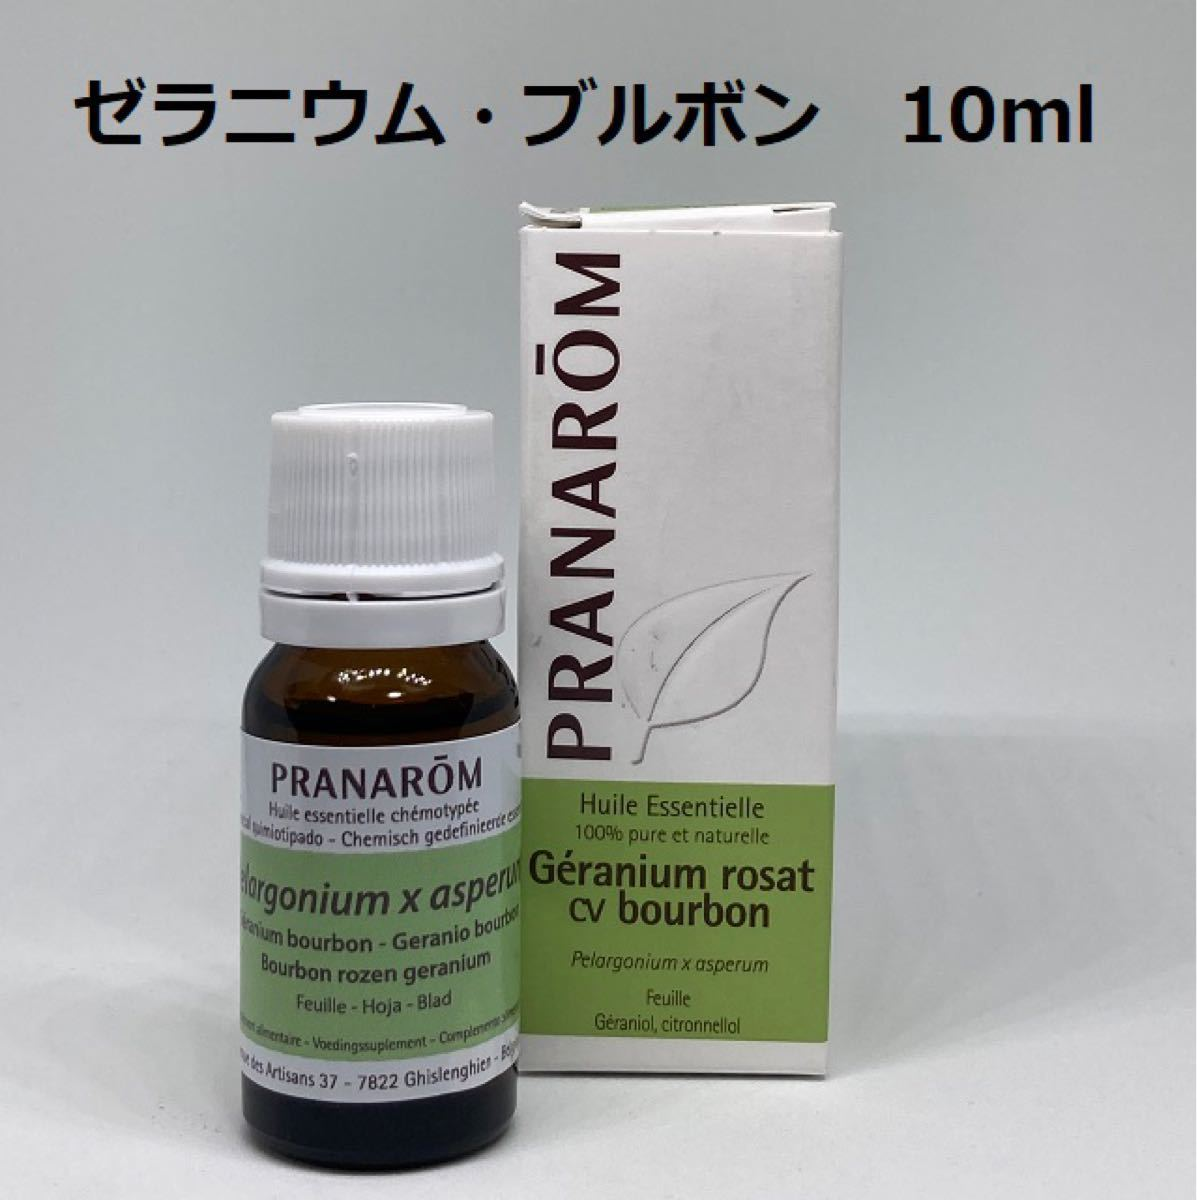 プラナロム ゼラニウム ブルボン 10ml 精油 PRANAROM